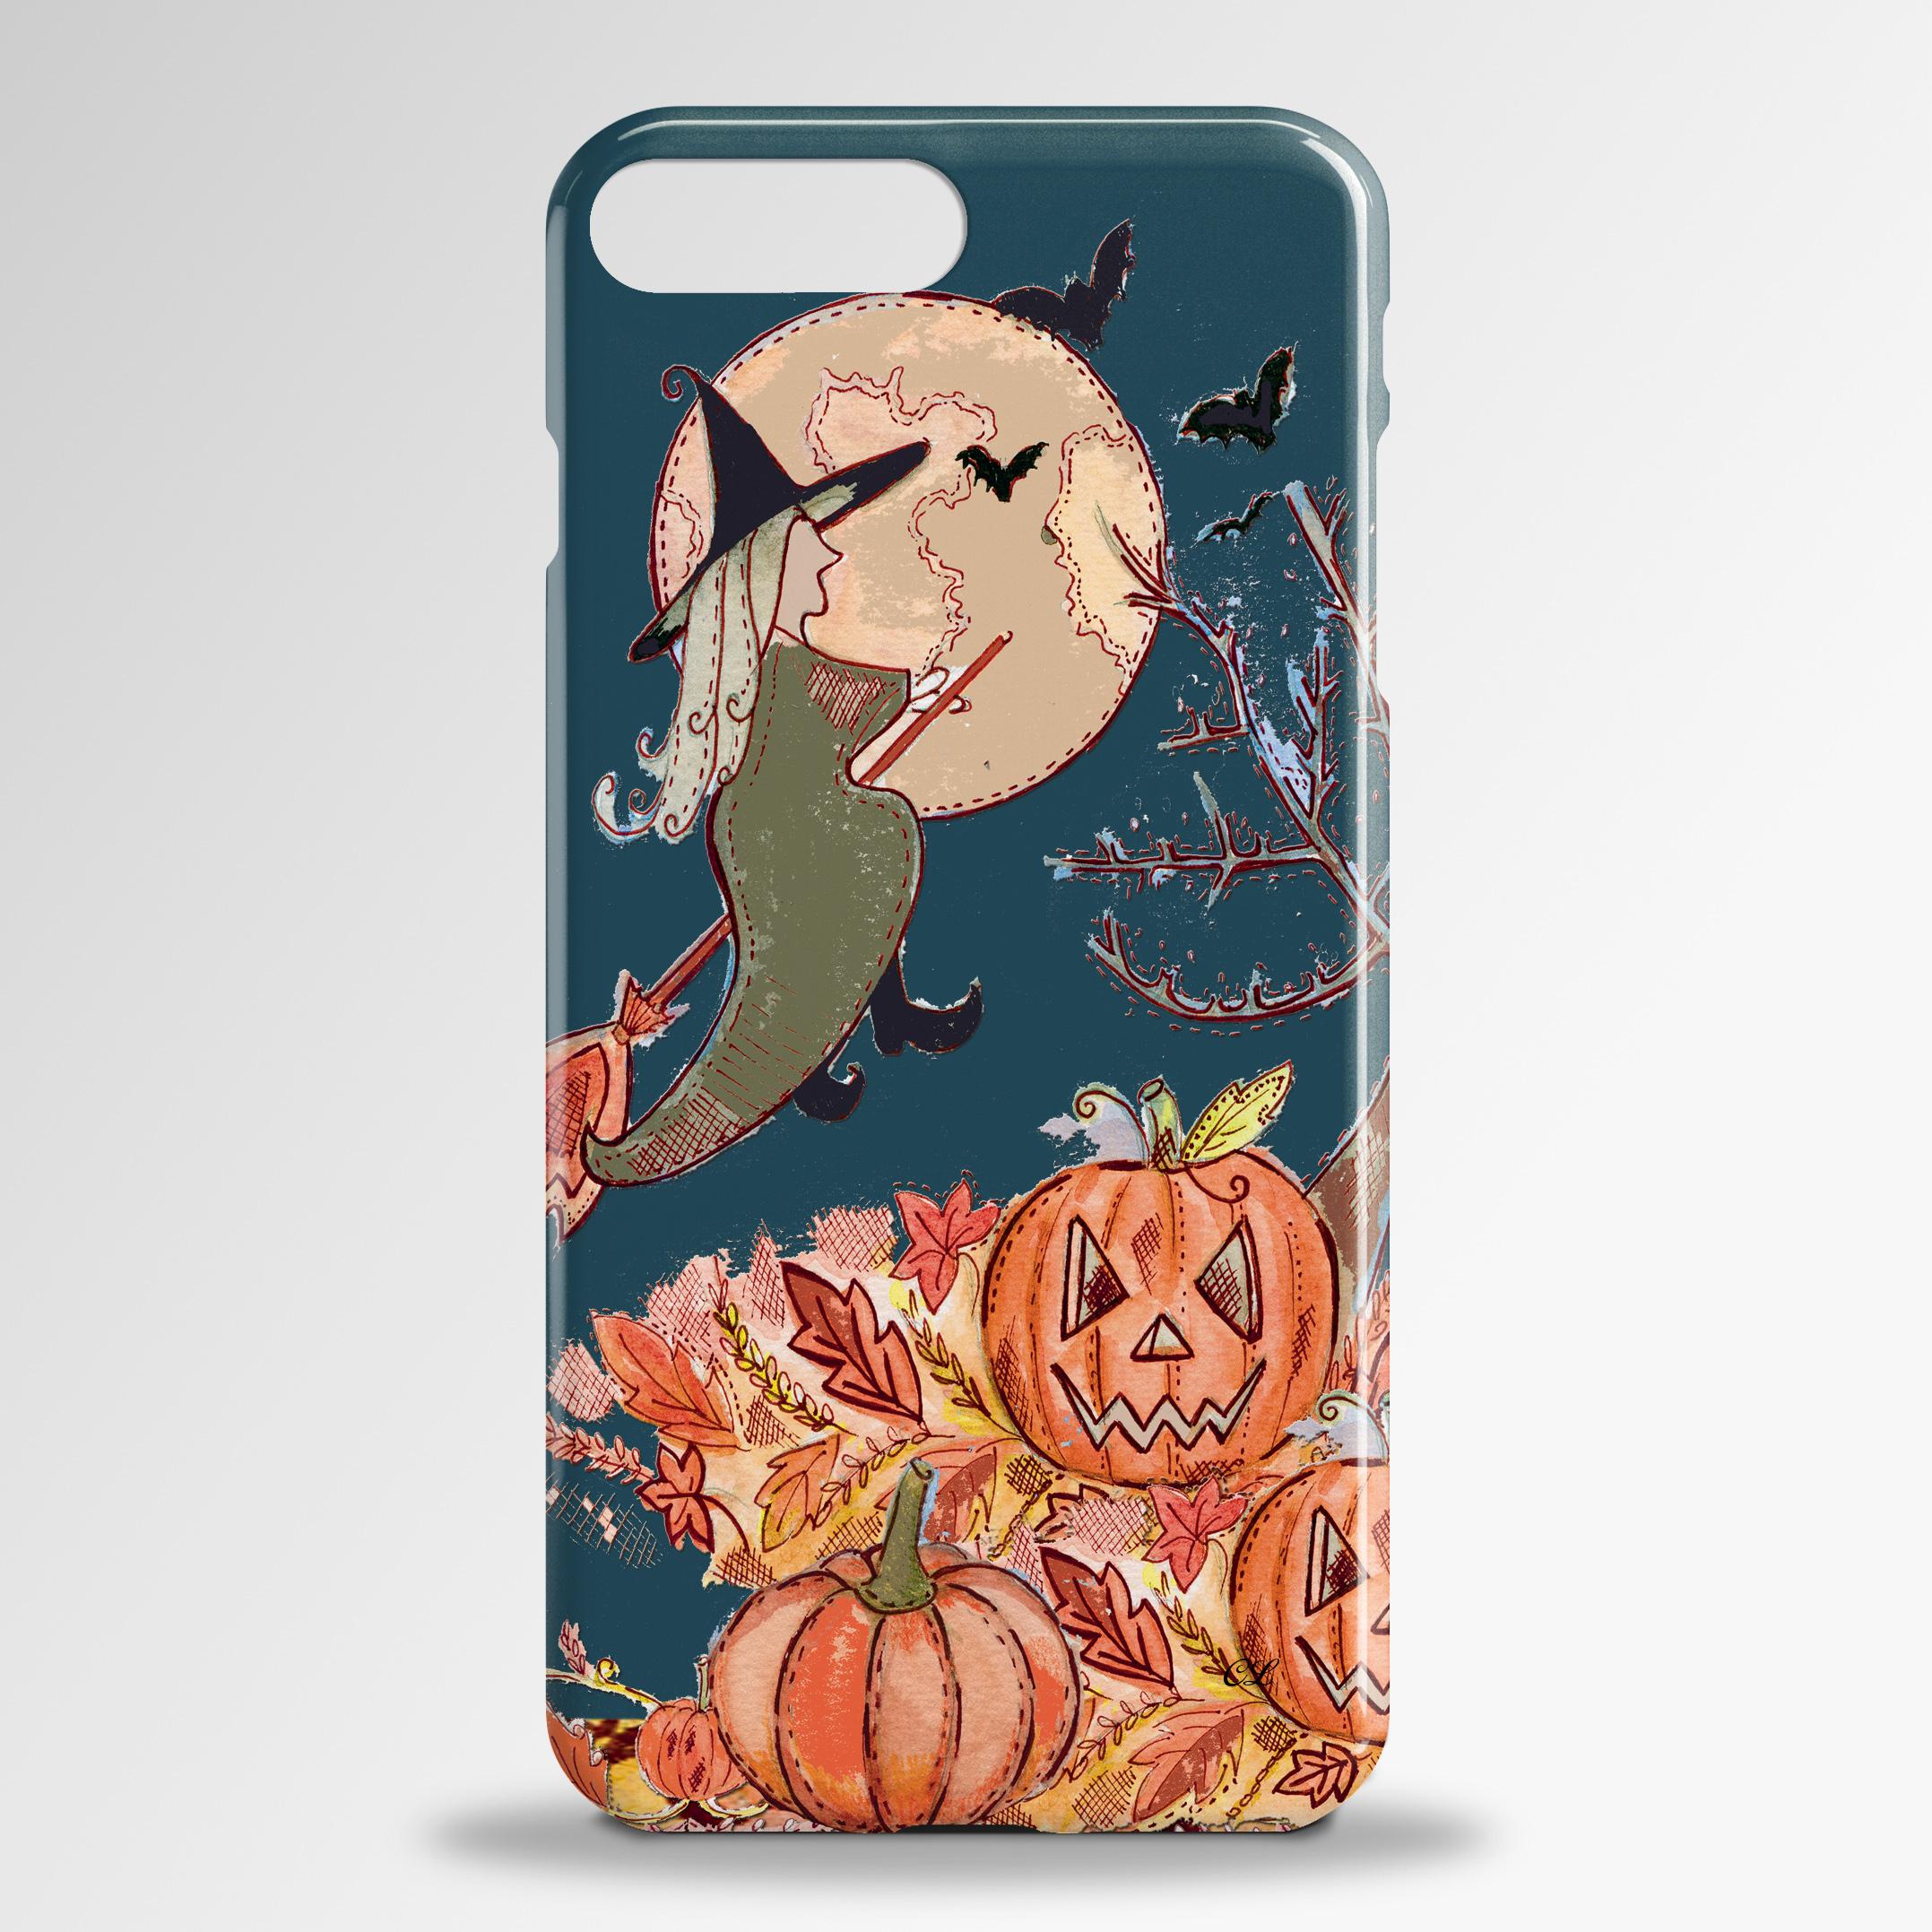 Occasion Designed iPhone Cases